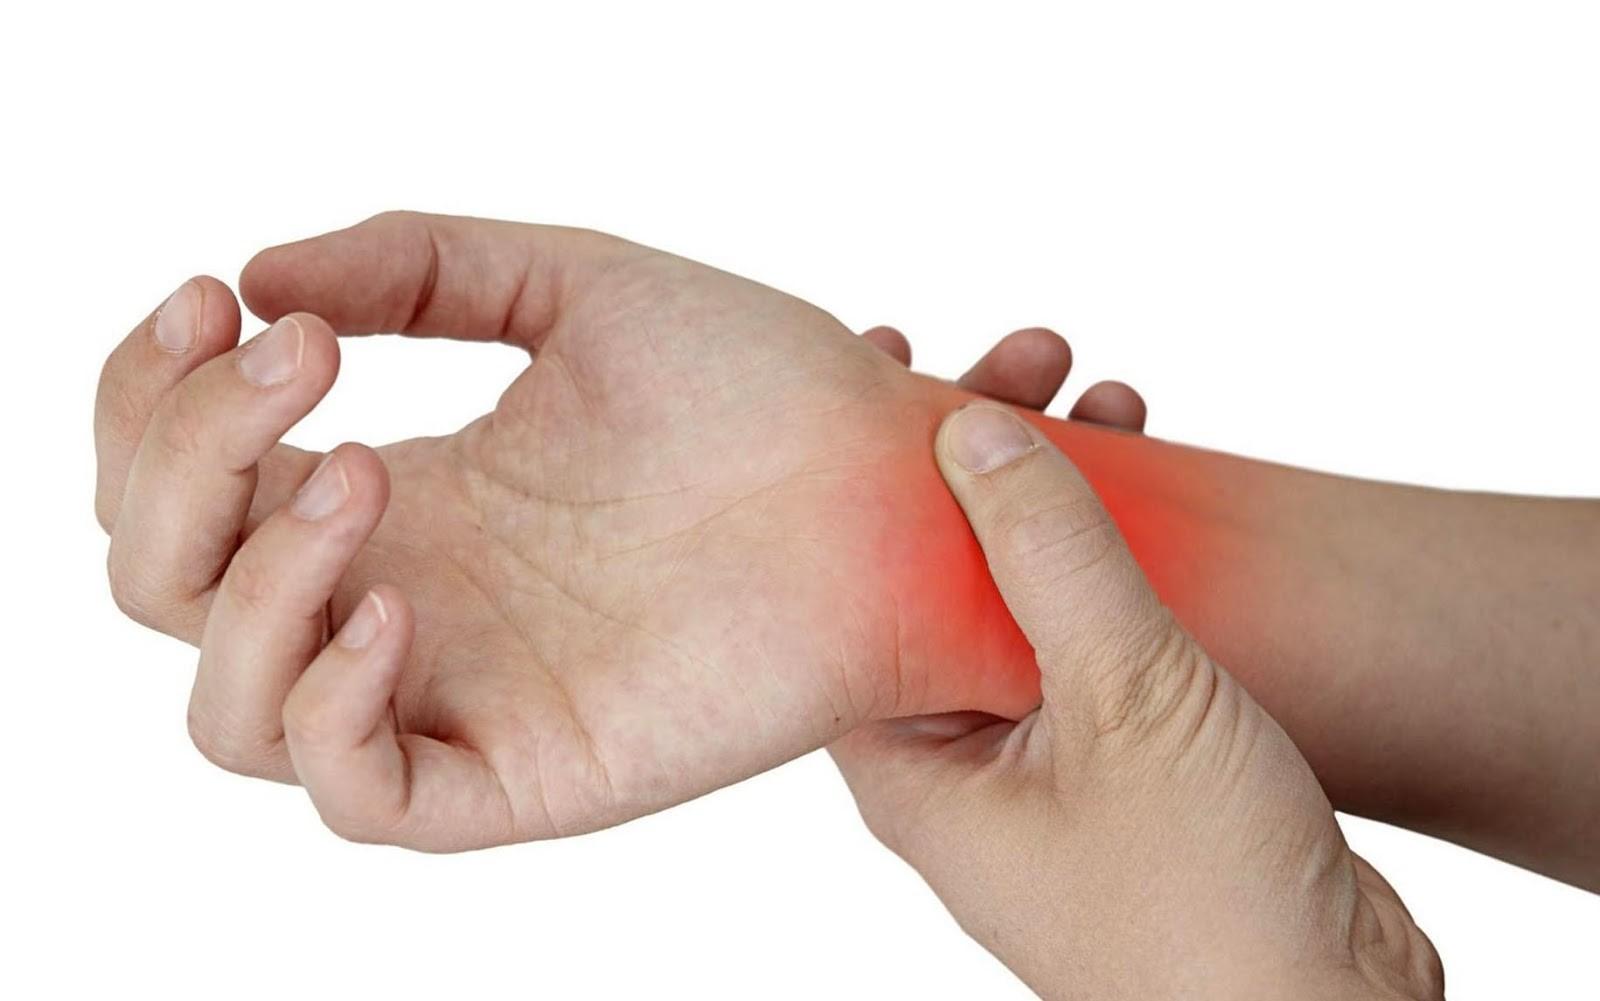 Viêm khớp là căn bệnh phổ biến trên thế giới hiện nay. Trung bình cứ 100 người thì có 5 người mắc bệnh về khớp từ 20 tuổi trở lên.